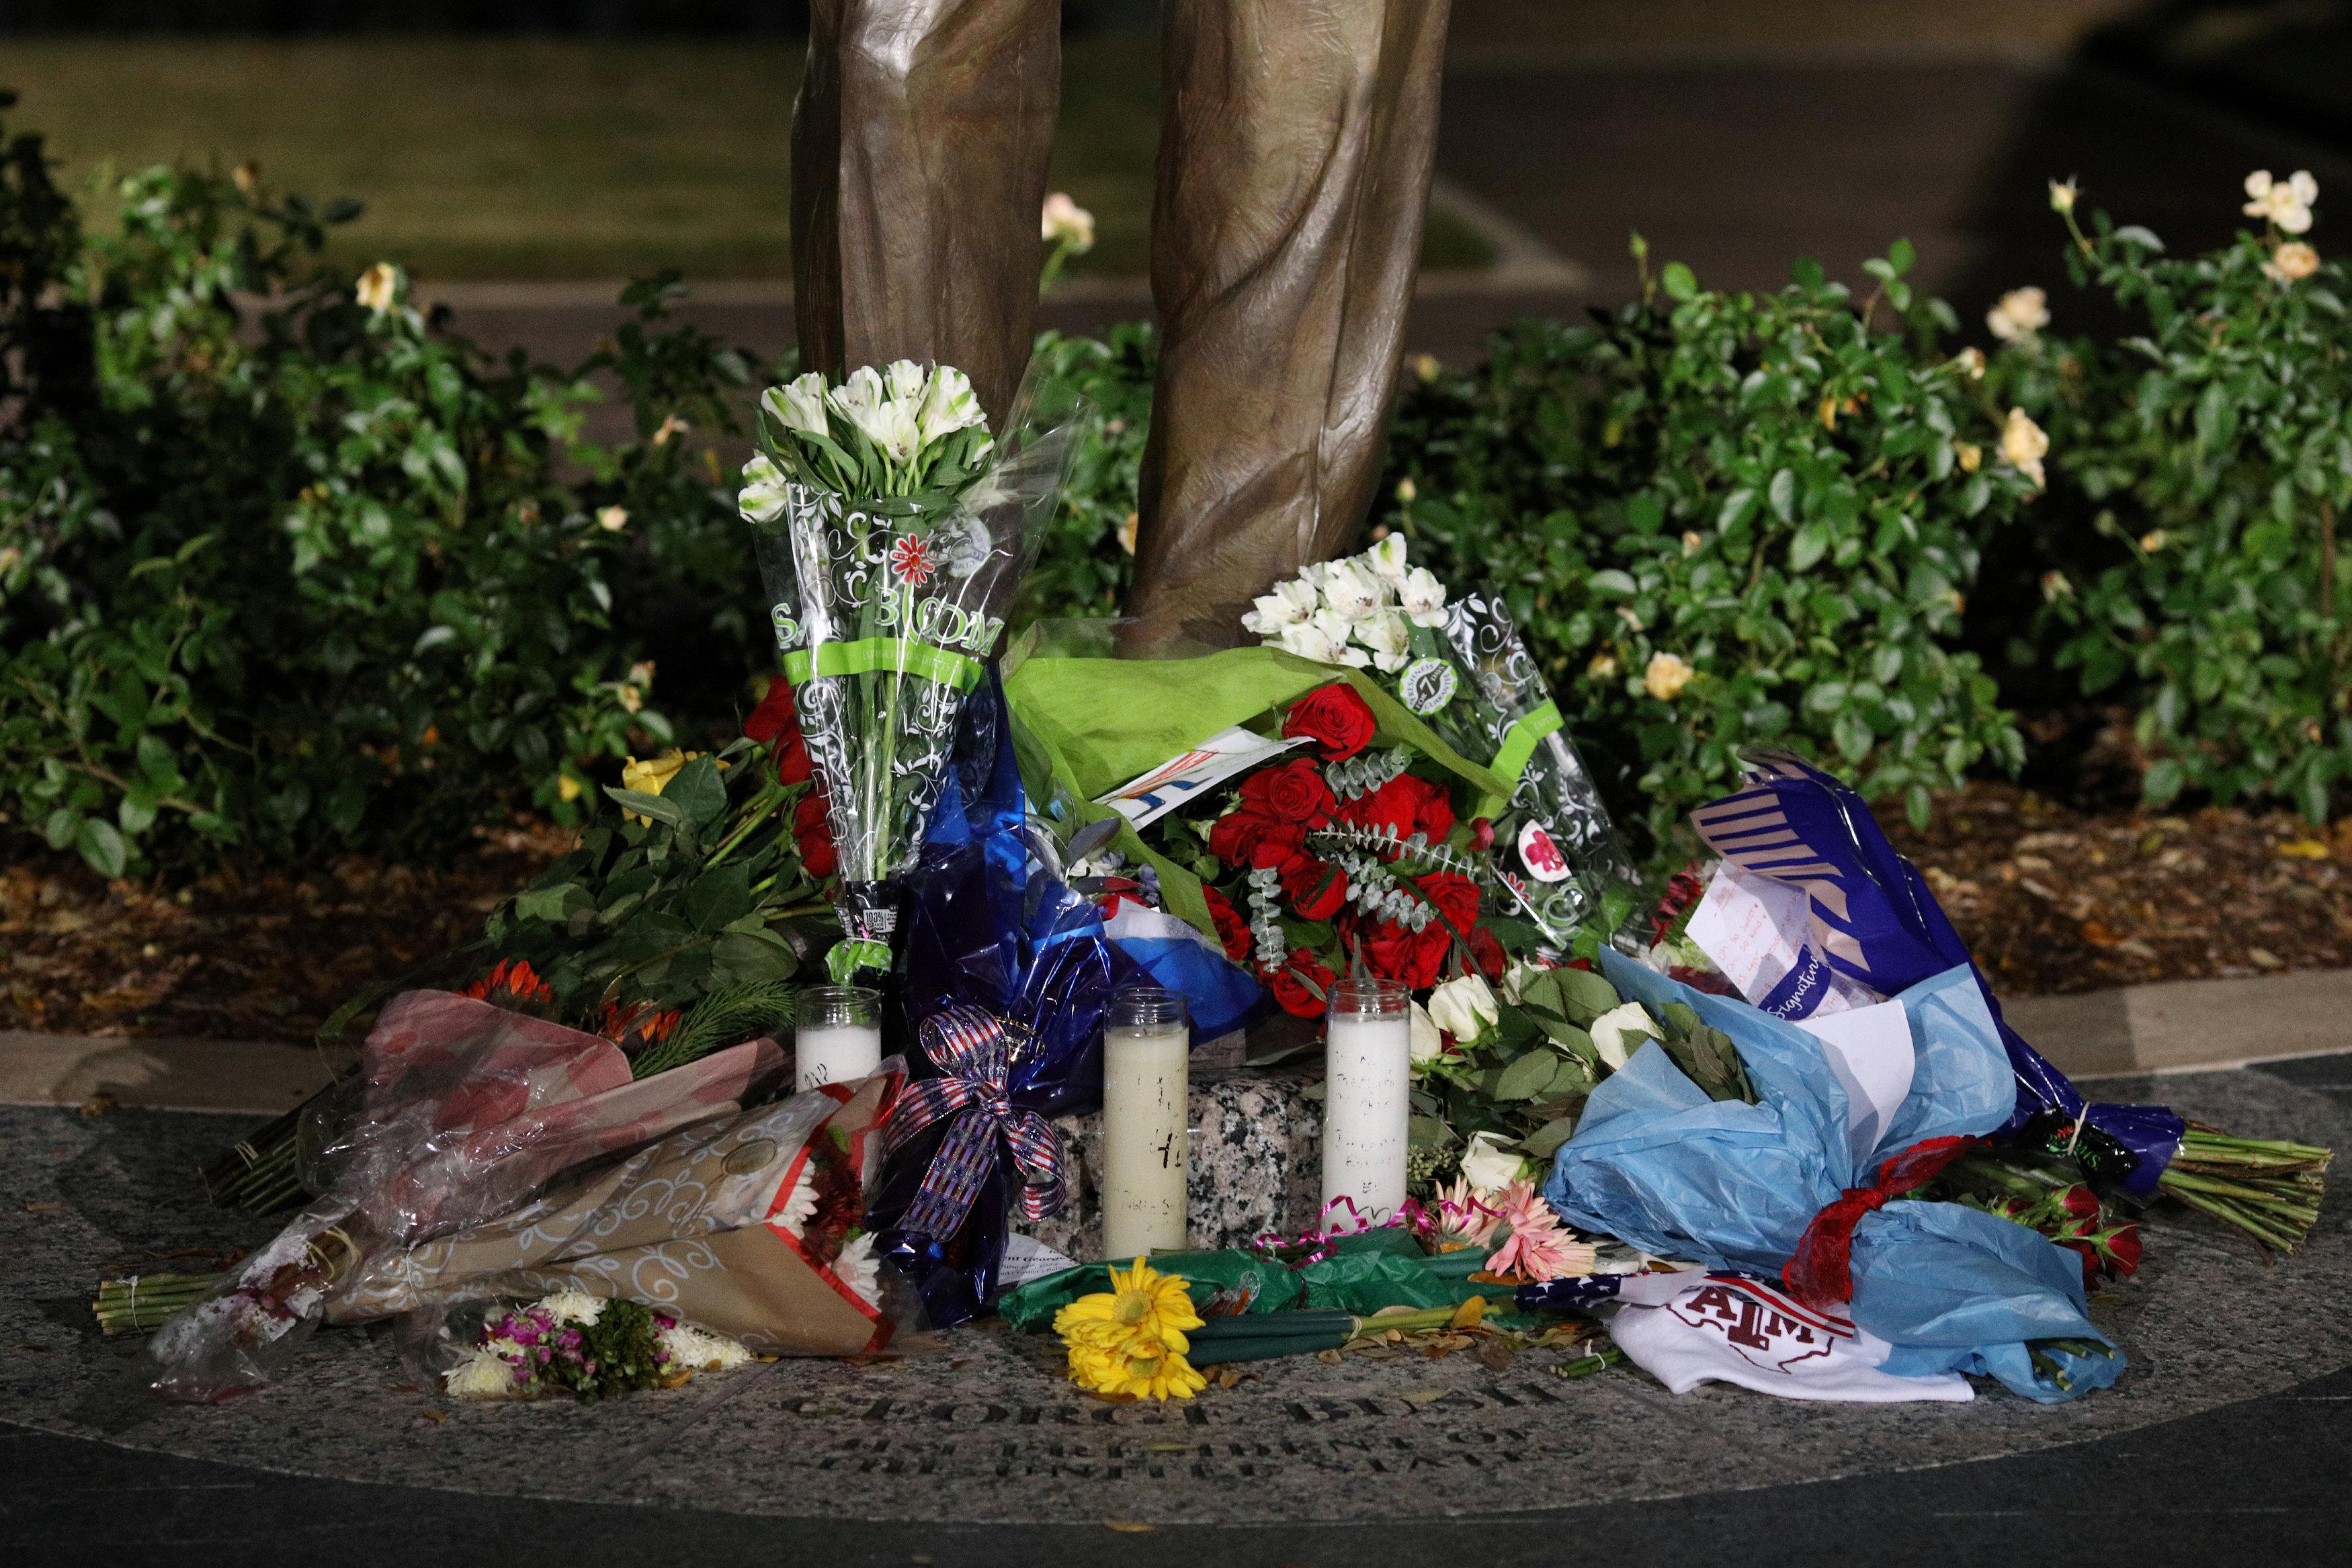 وضع الورود والشموع أمام النصب التذكارى لجورج بوش (3)